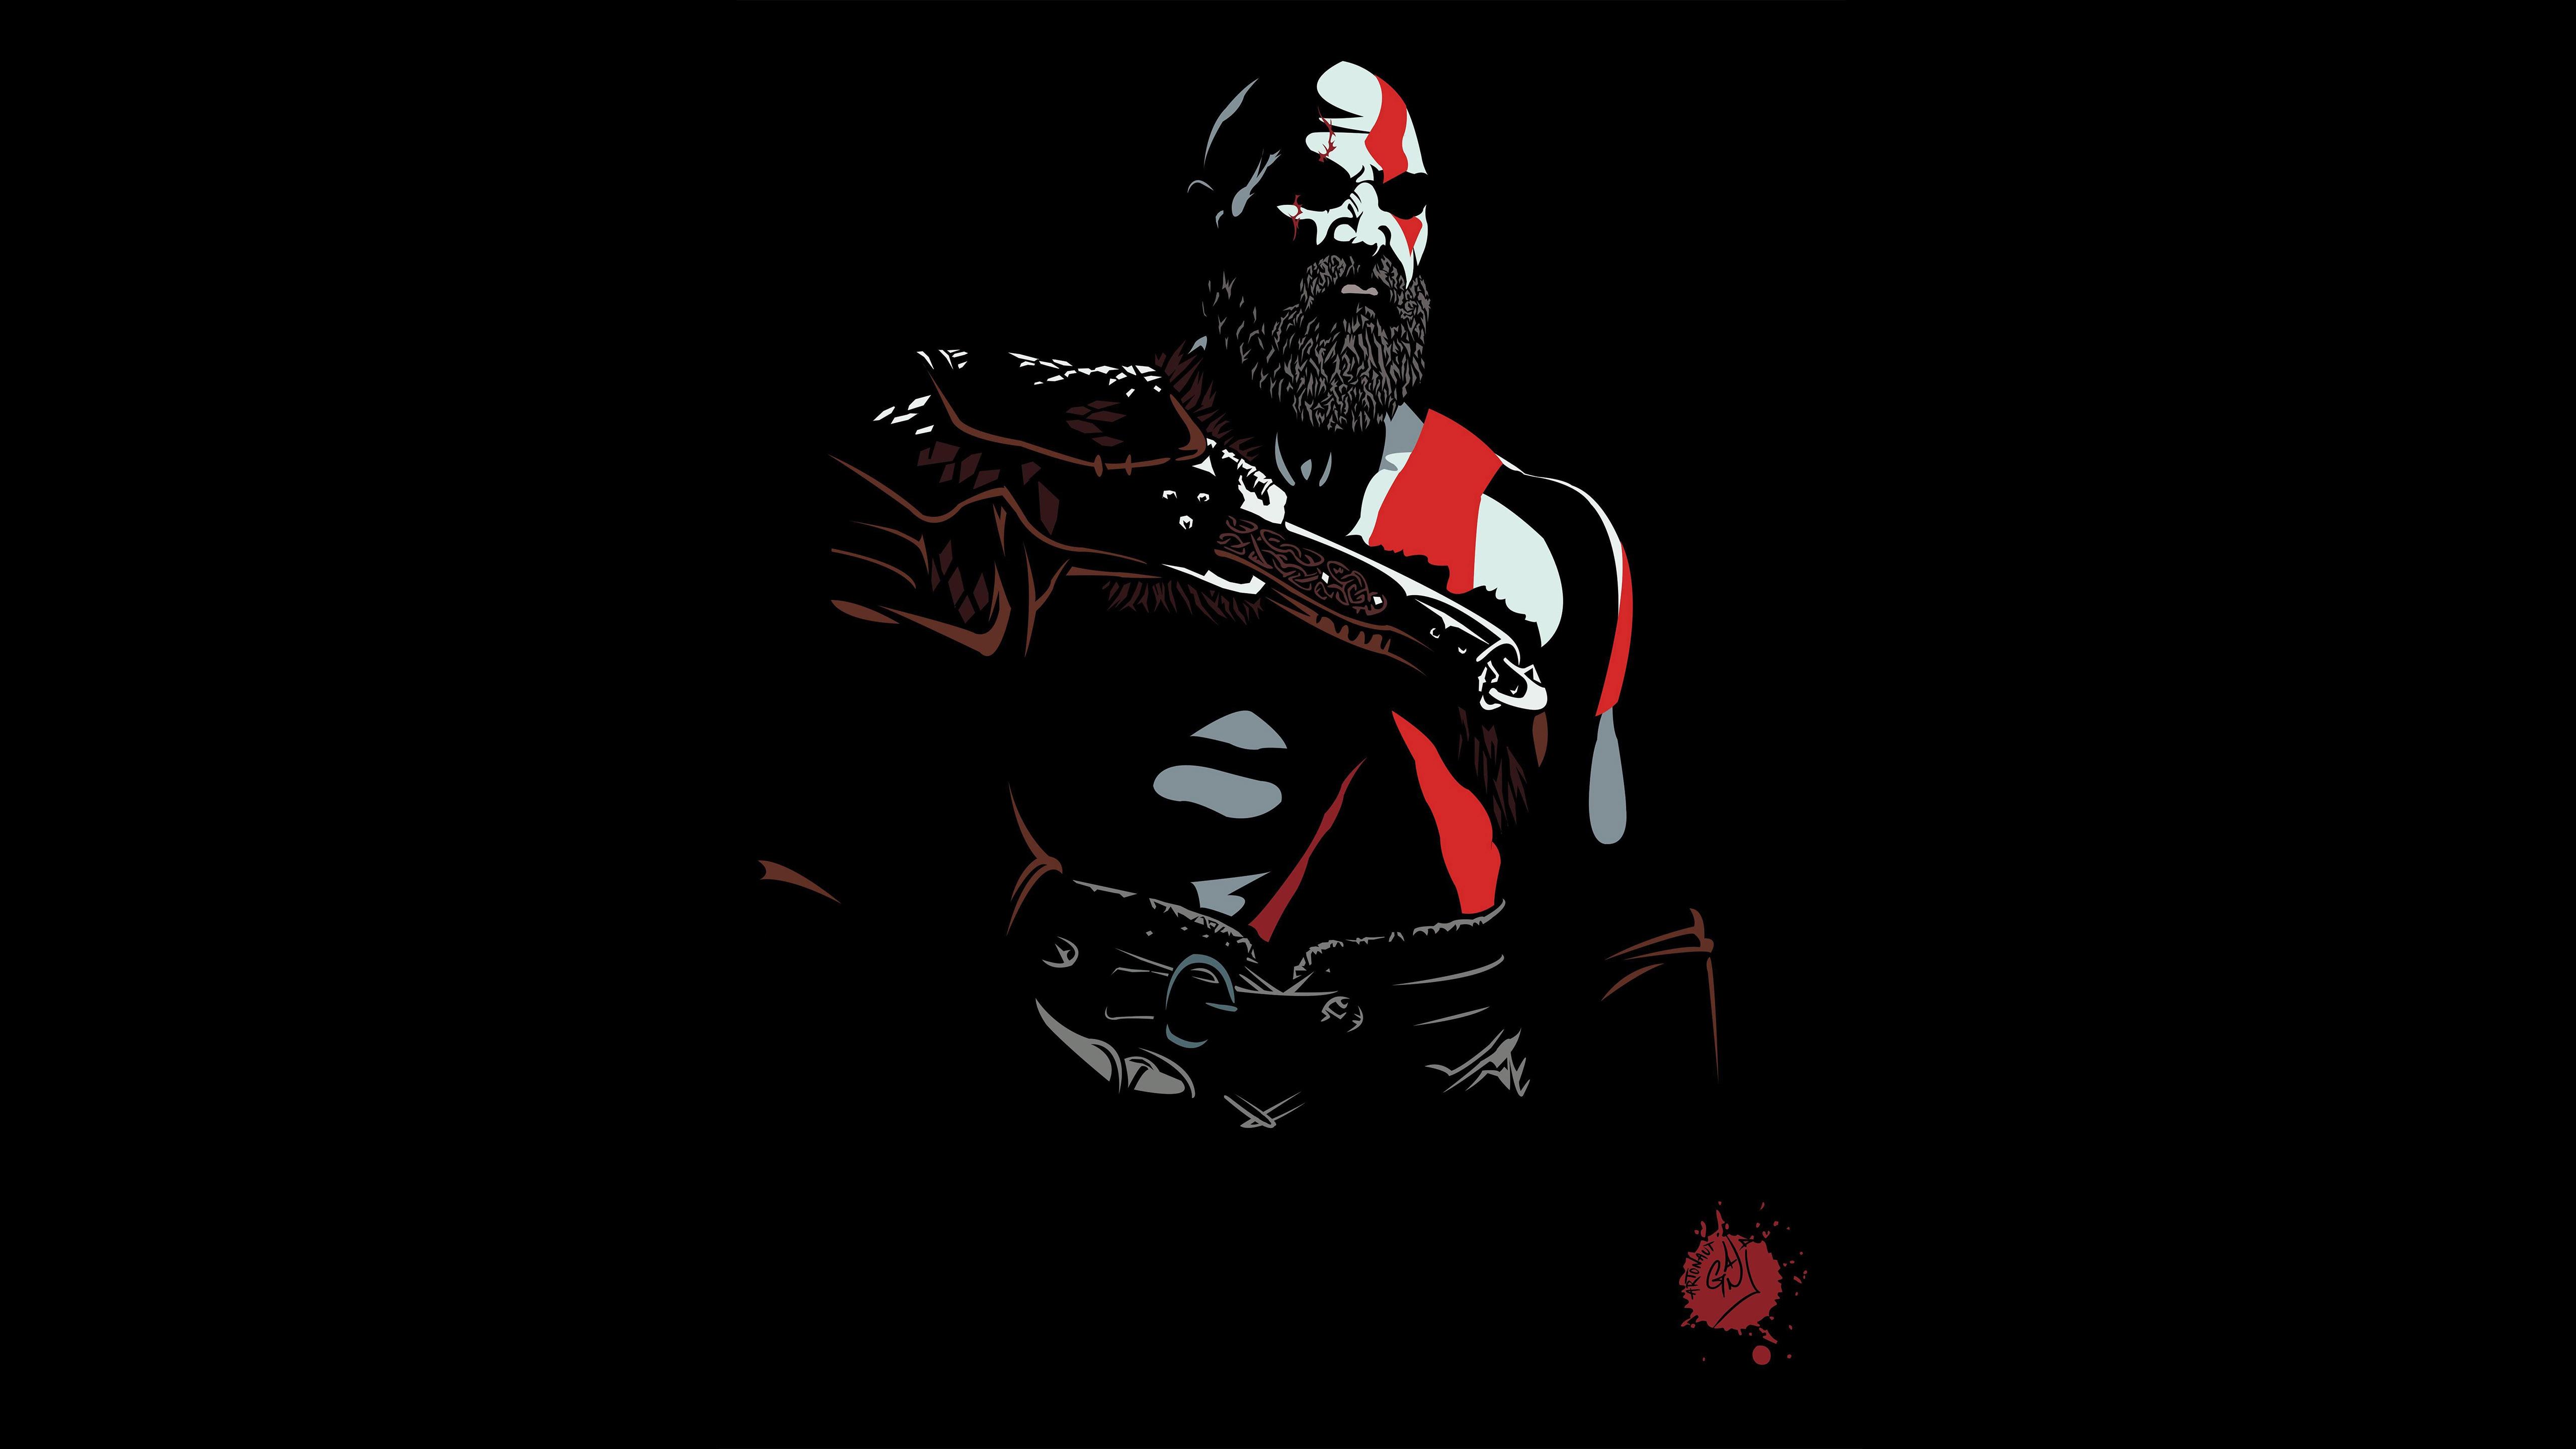 God of war 3d game download